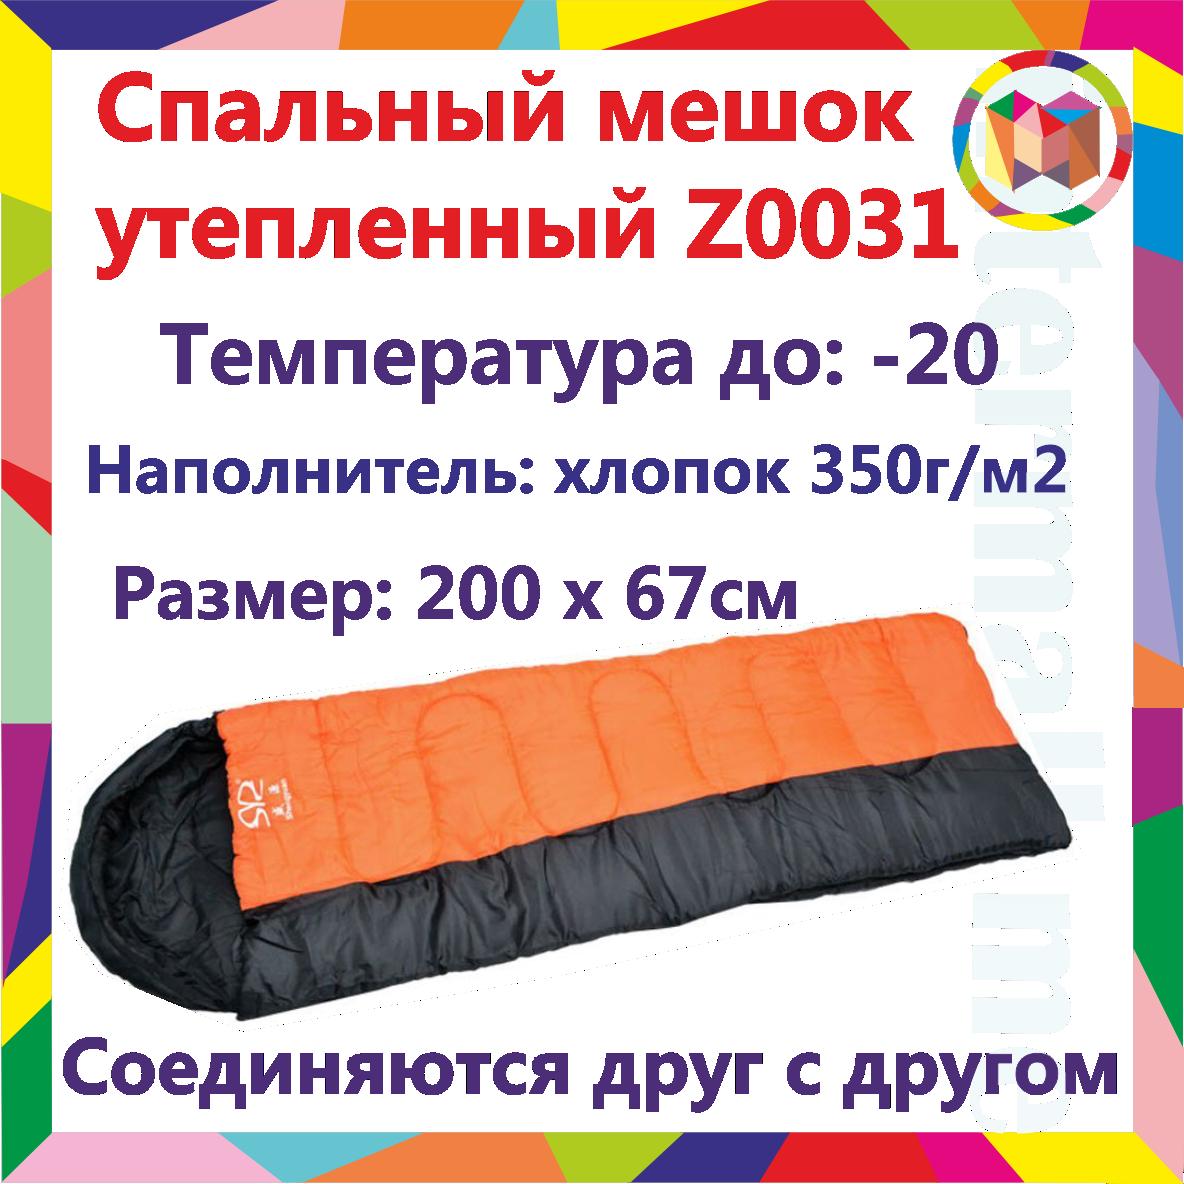 Спальный мешок одноместный, утепленный, SY-081-2, 200 х 67см